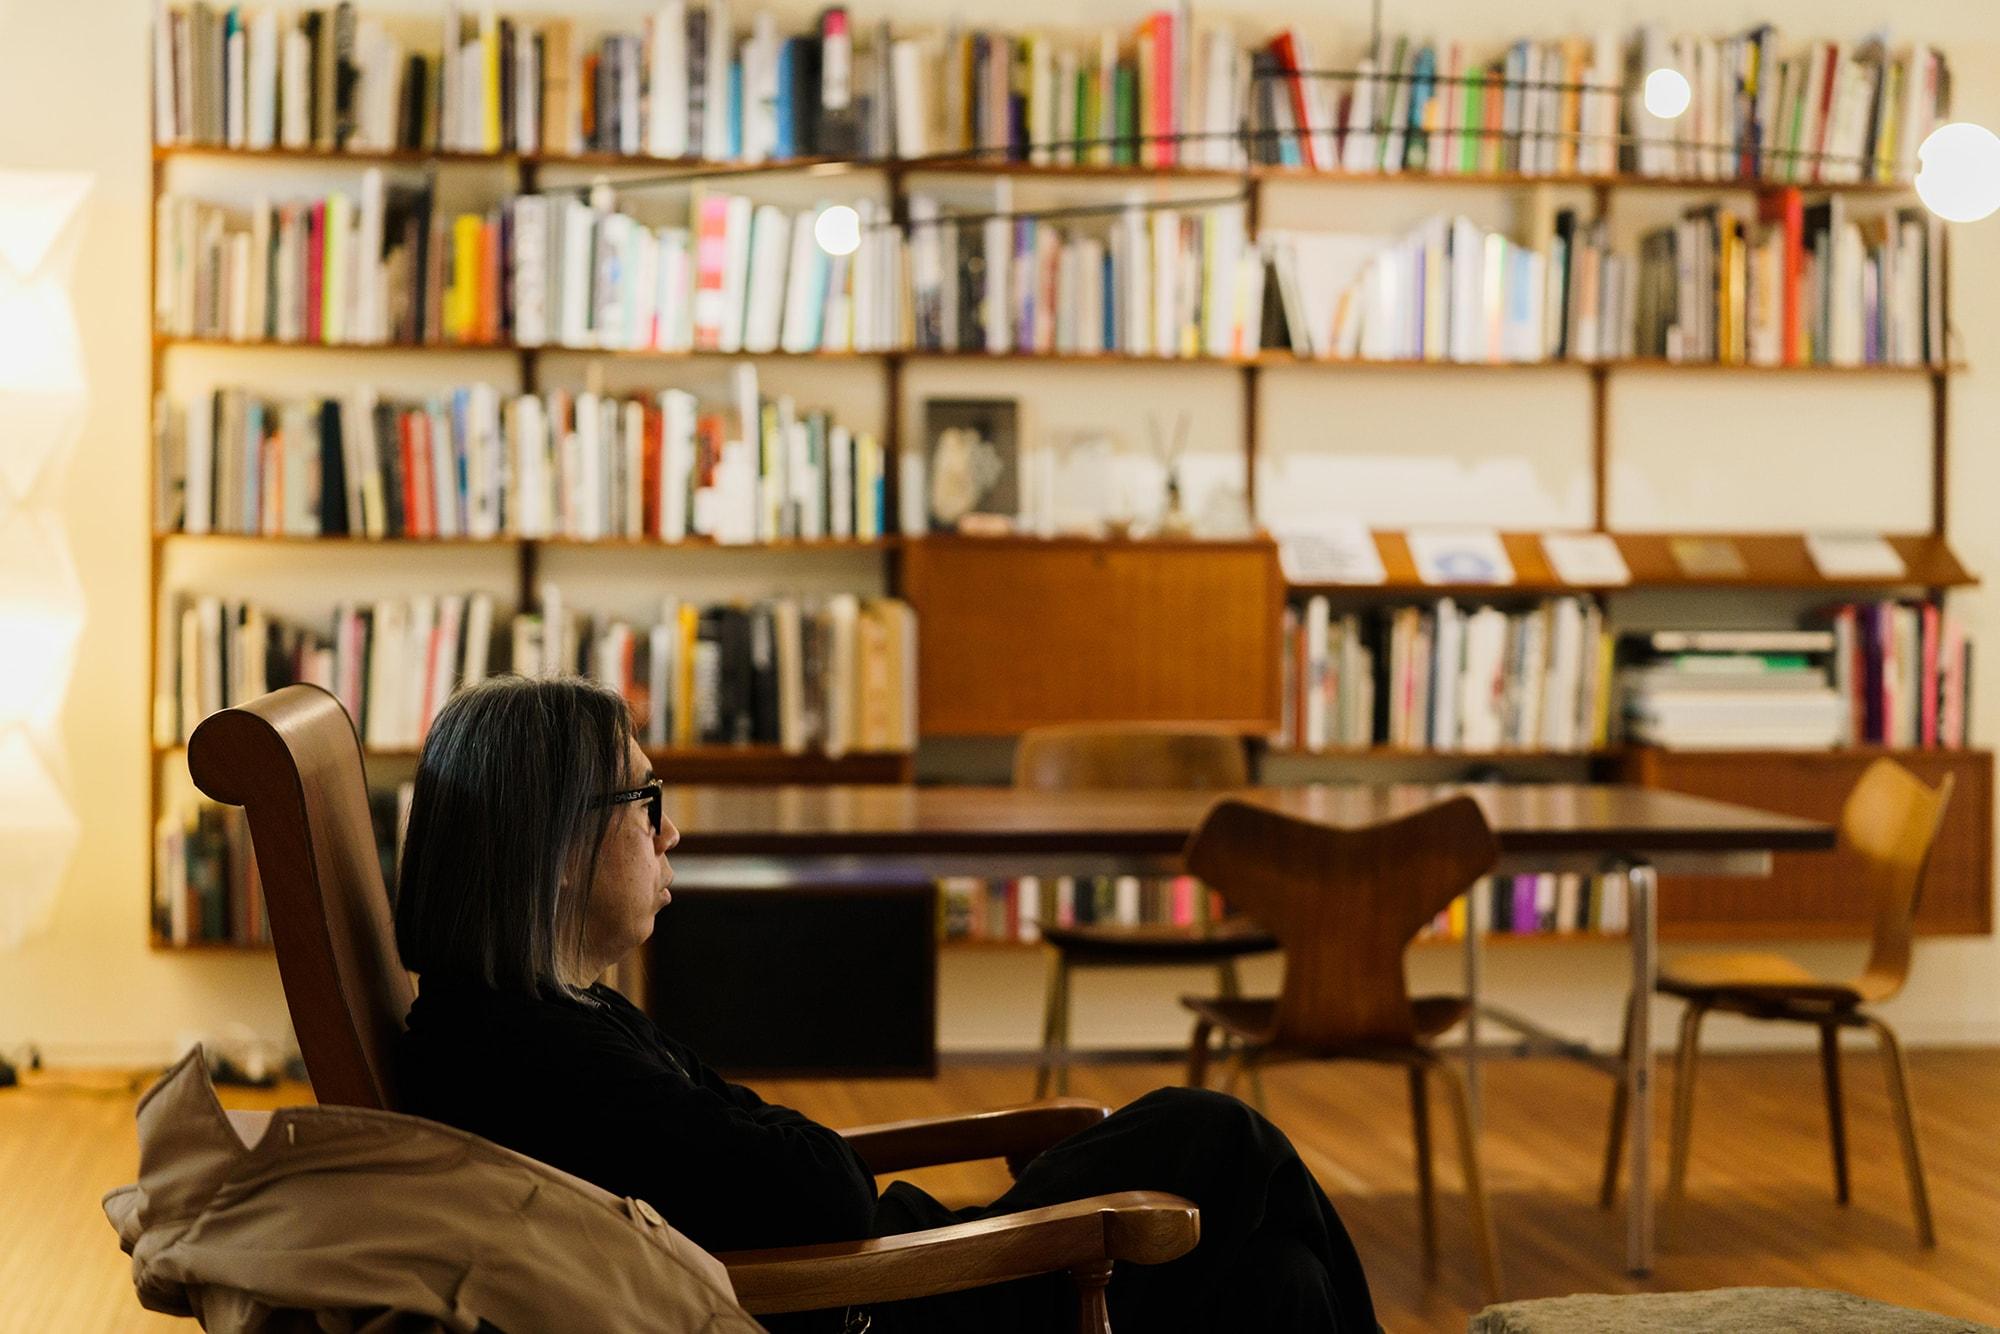 藤原ヒロシの独白「僕とアート写真の関係」好きな写真家、ライカ、その選び方 | 藤原ヒロシ